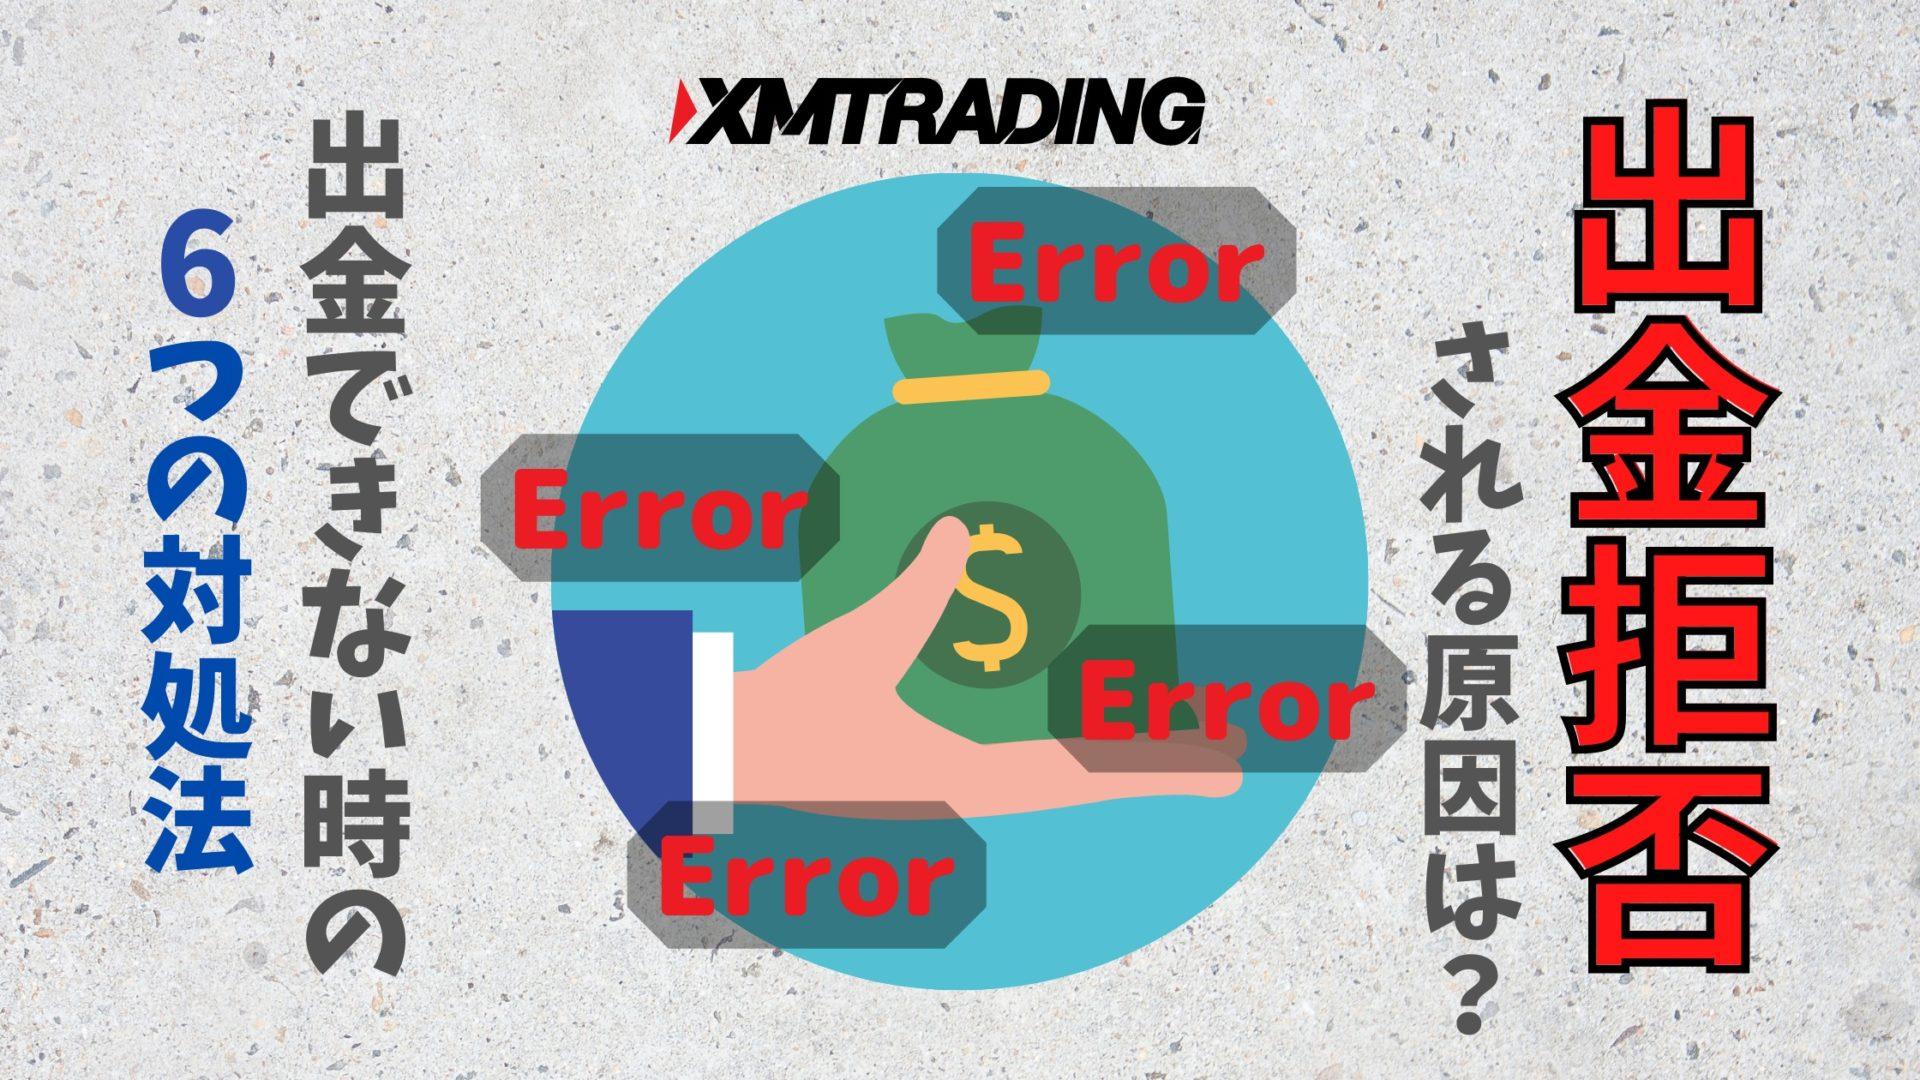 XMで出金拒否はある?出金できない時の6つの対策法を徹底解説!